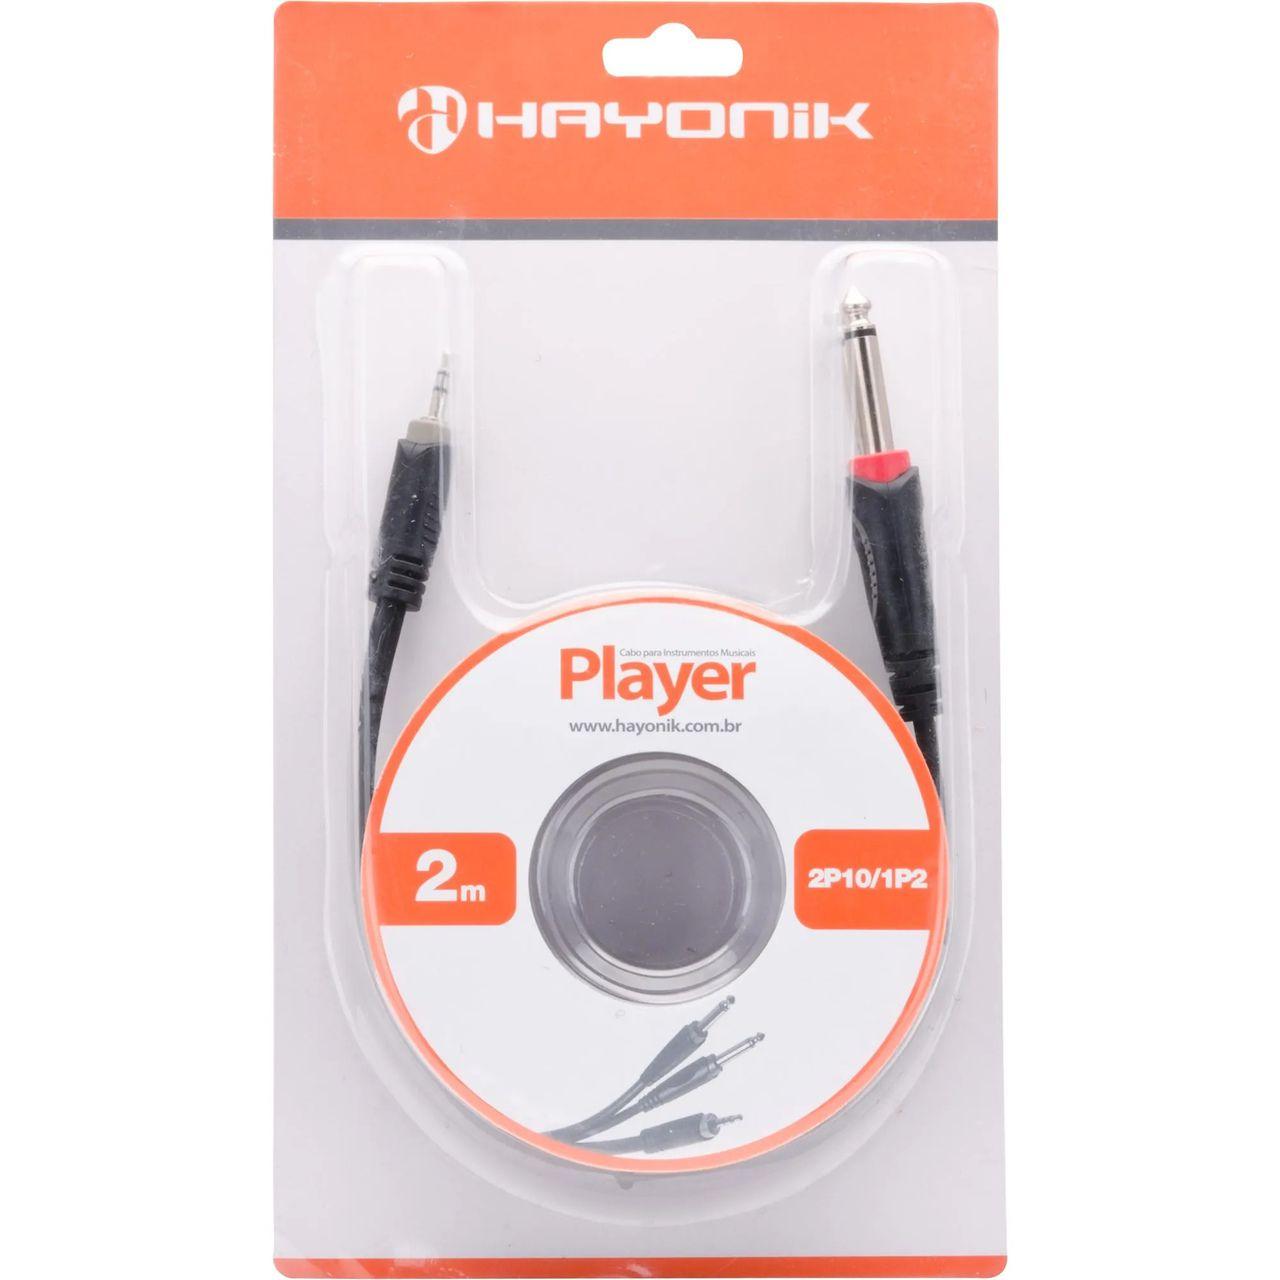 Cabo de Áudio Hayonik Player 2 P10 / 1 P2 2M